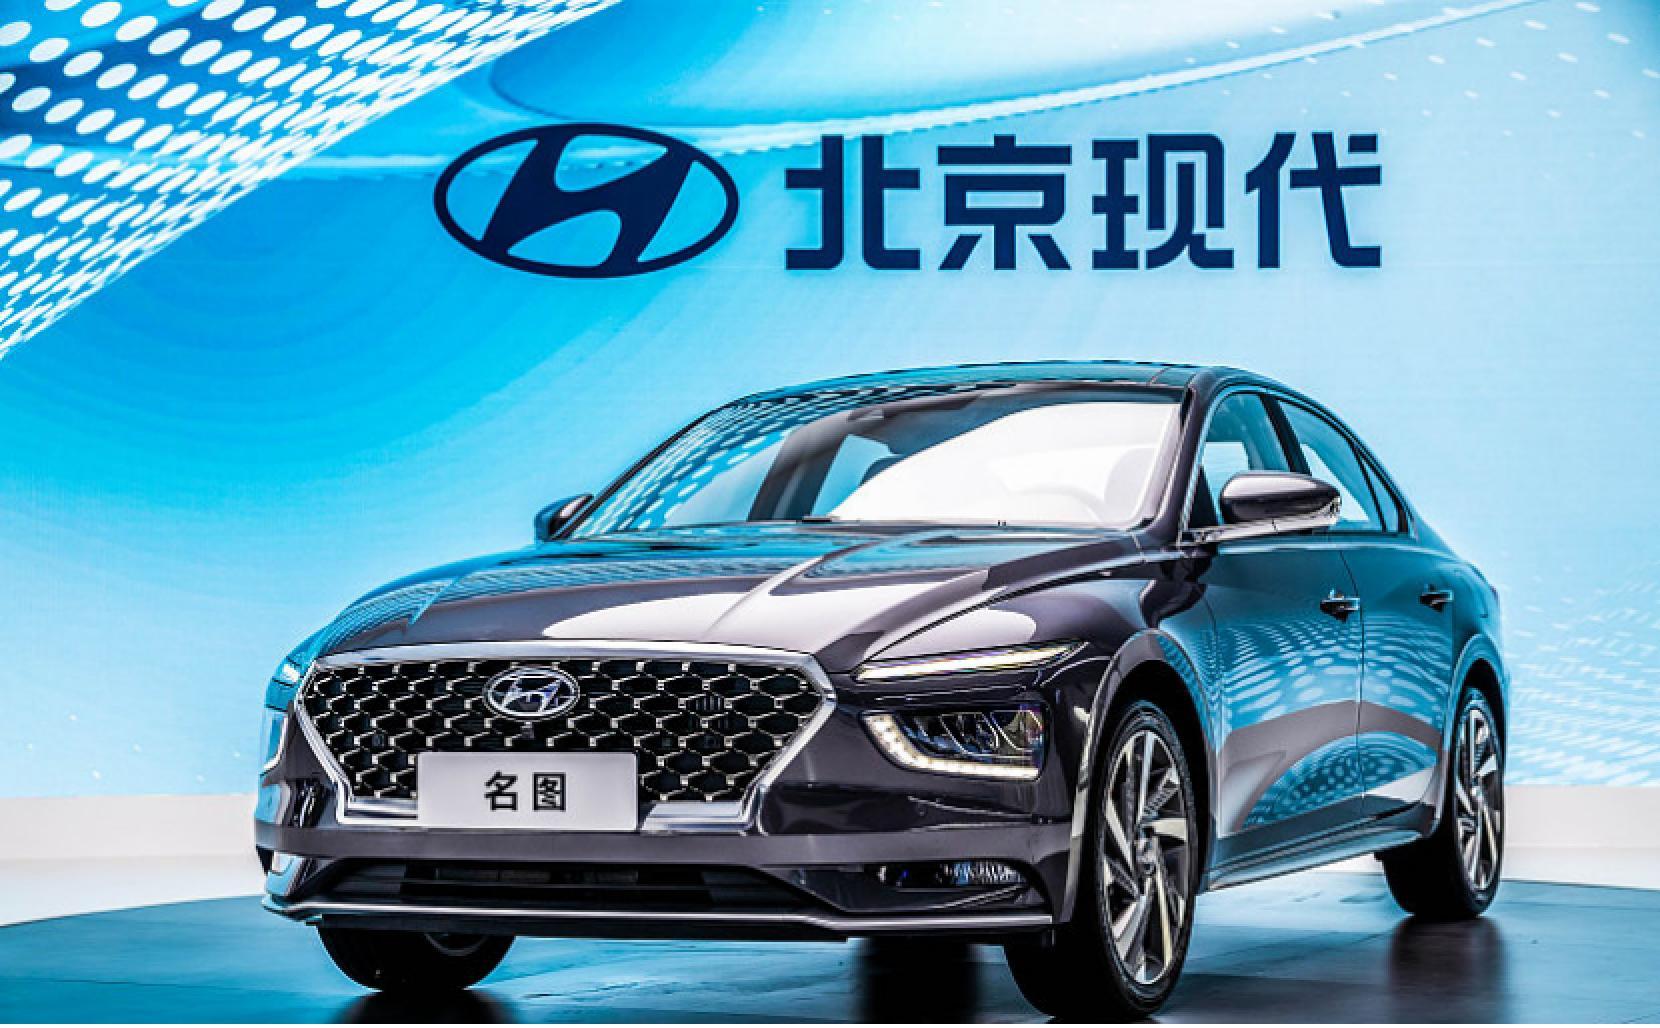 购车后30天内可退可换 北京现代全新一代名图预售13.58万元起